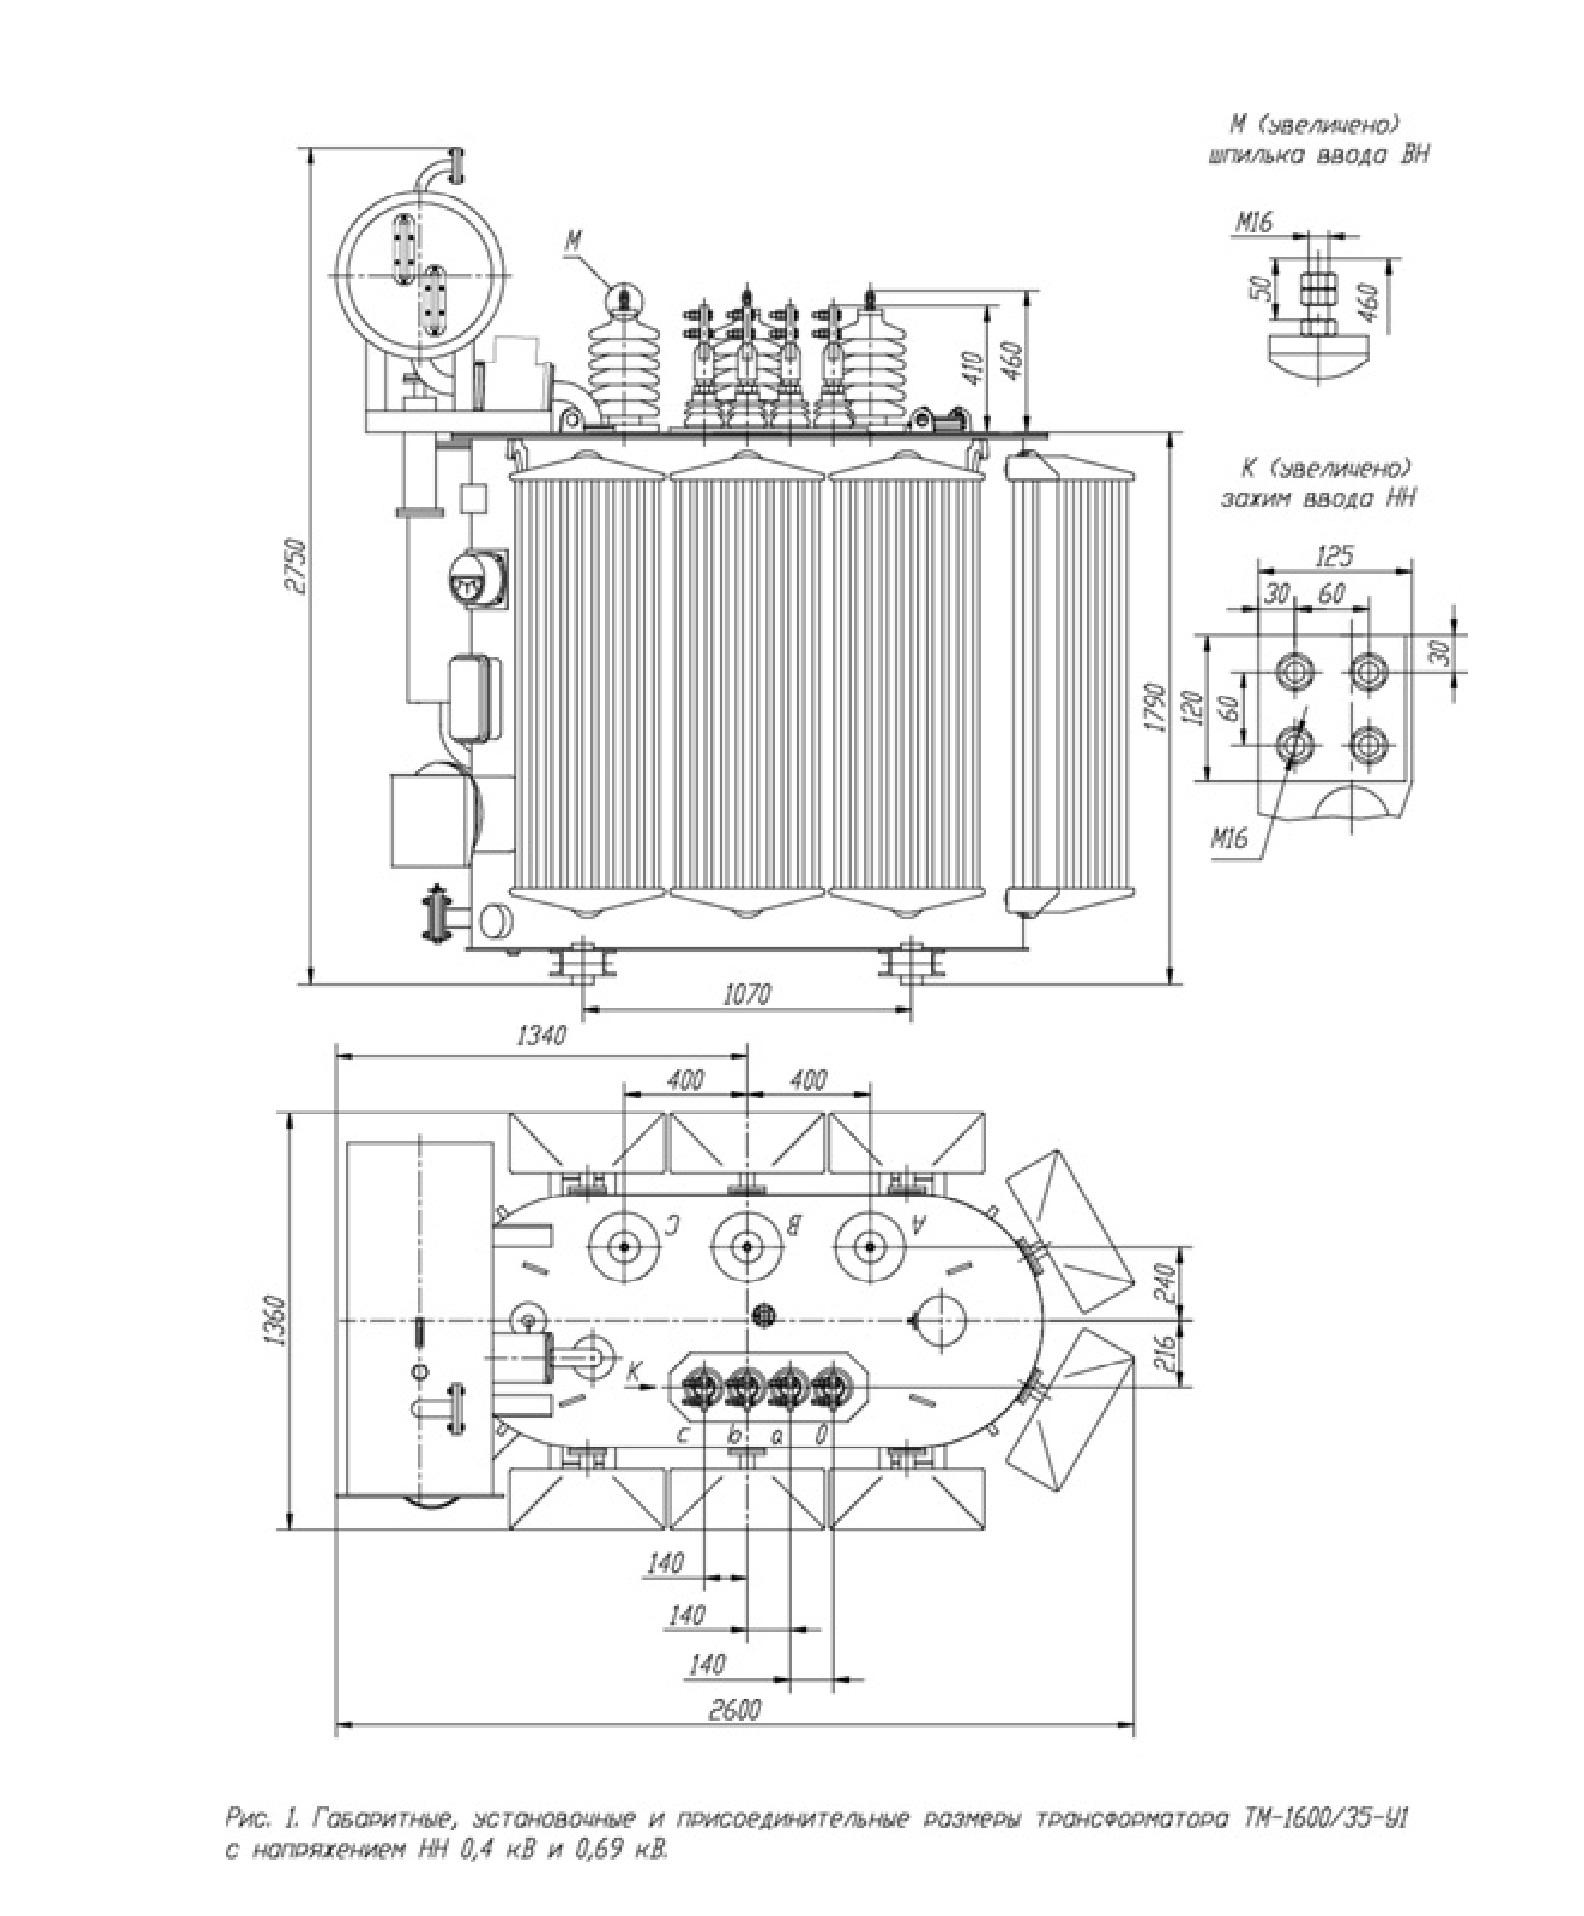 Трансформаторы трехфазные масляные класса напряжения 15, 20 и 35 кВ